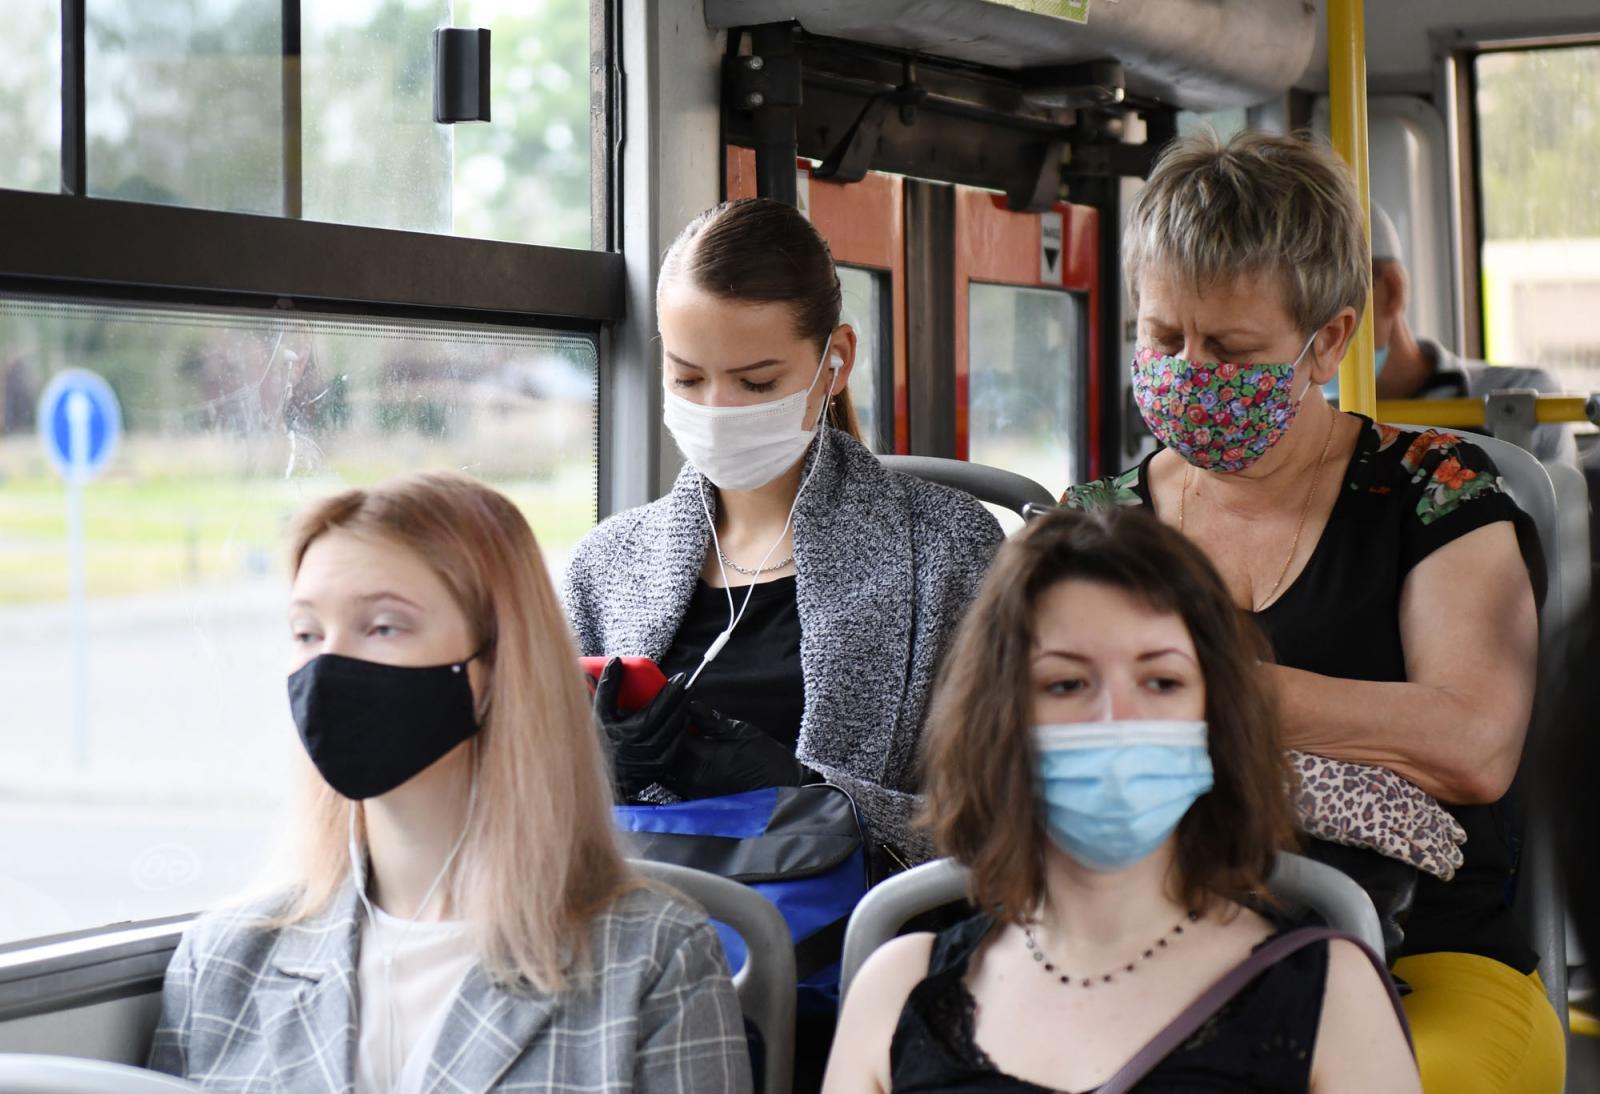 За сутки в Брянской области поймали 15 нарушителей масочного режима